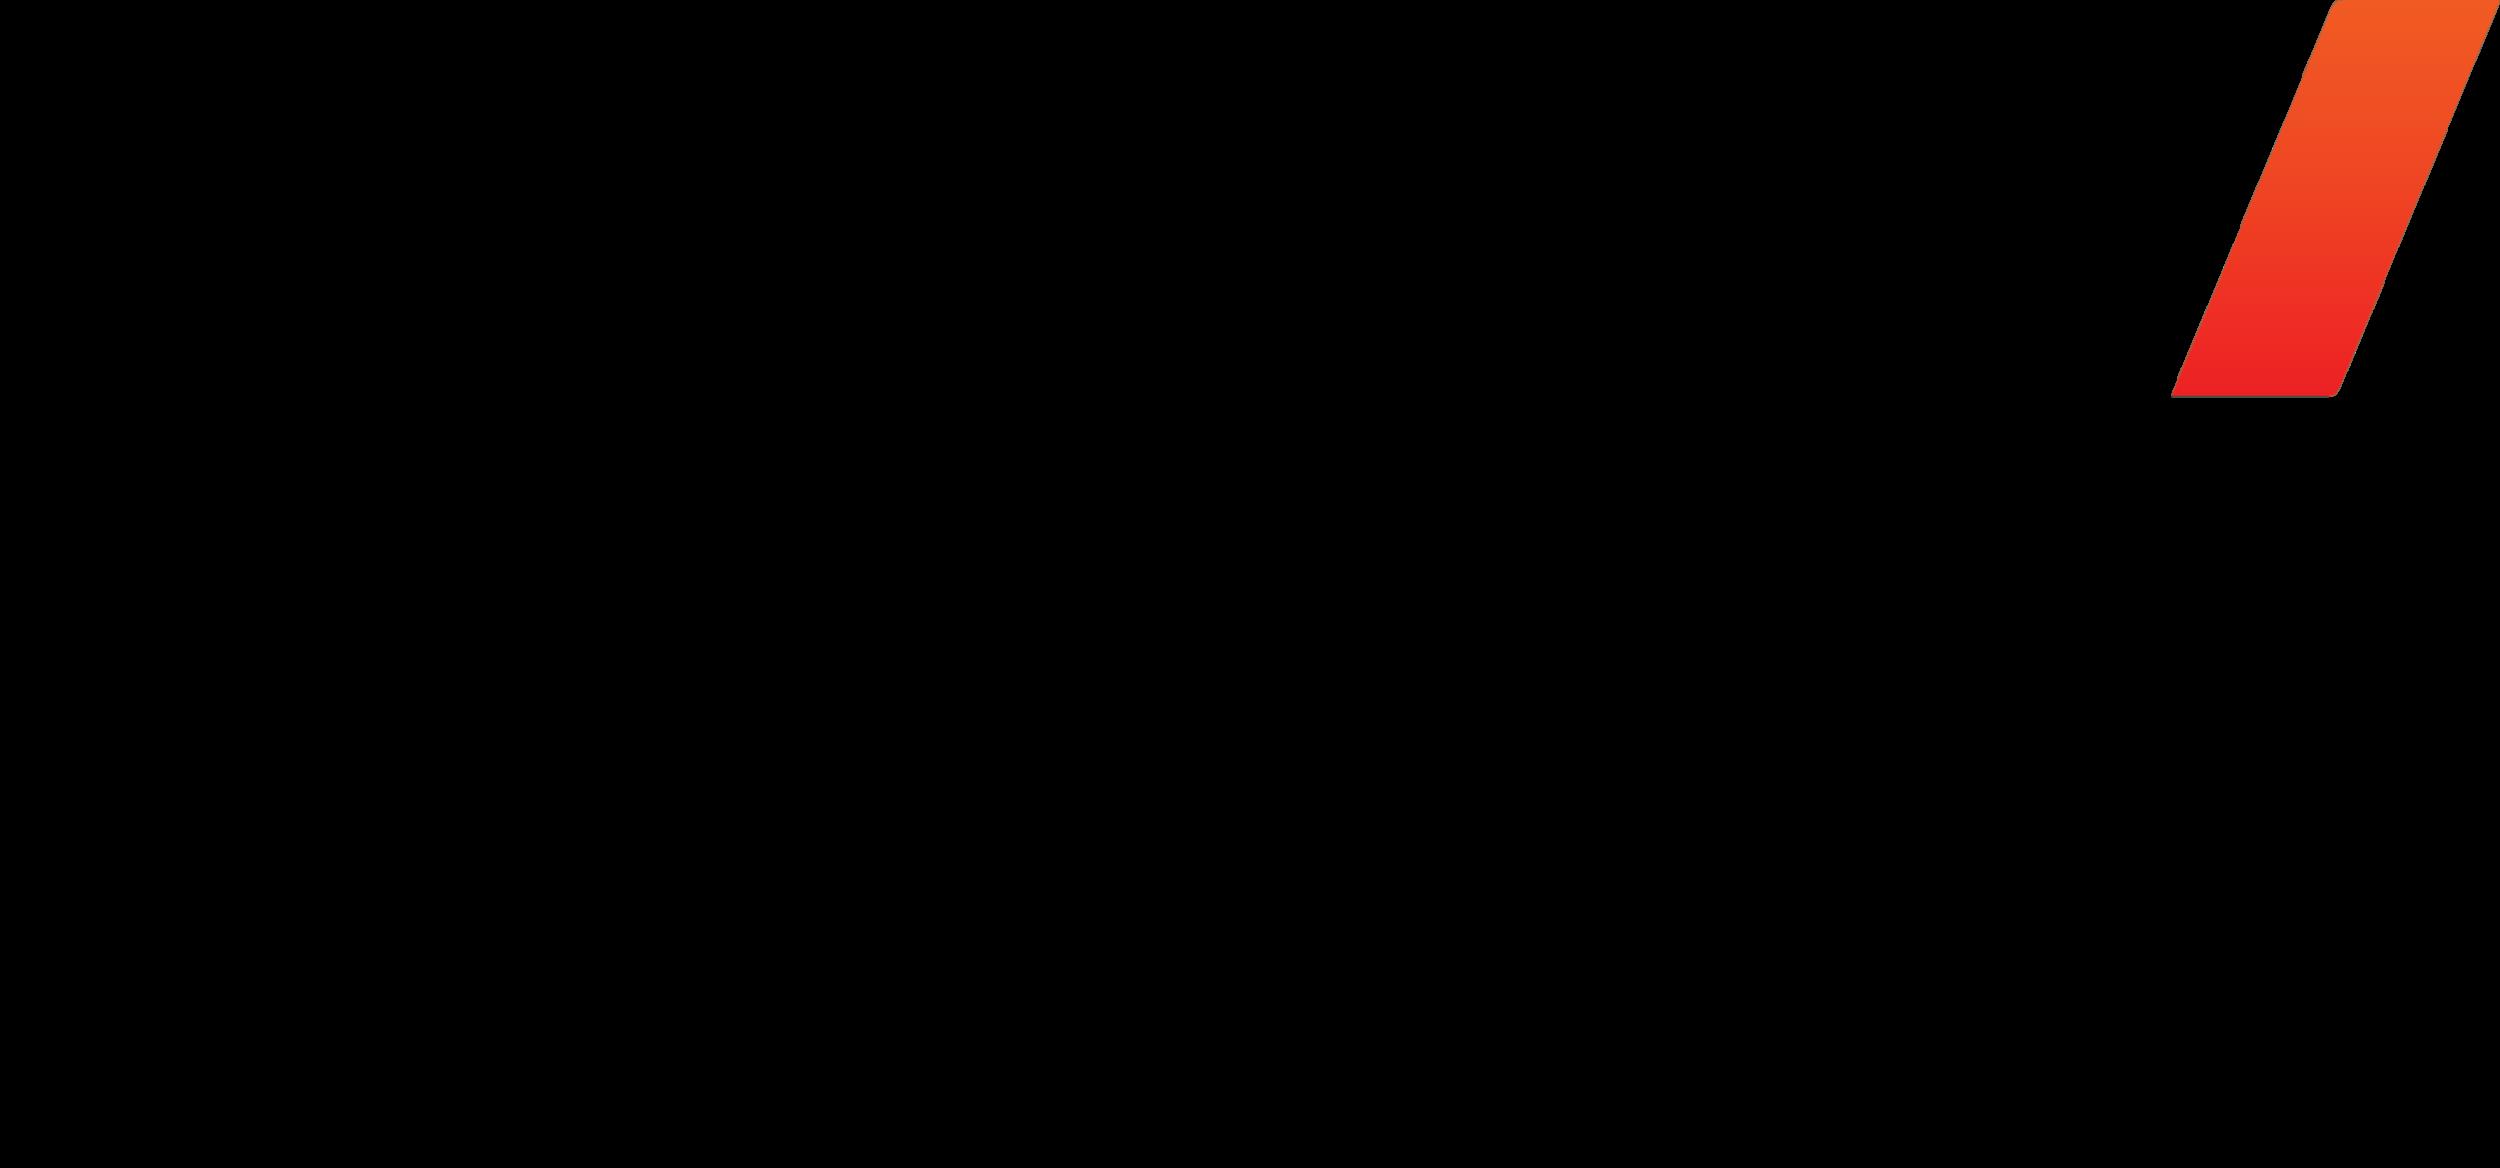 Pave_Masterbrand Logo_CMYK.png